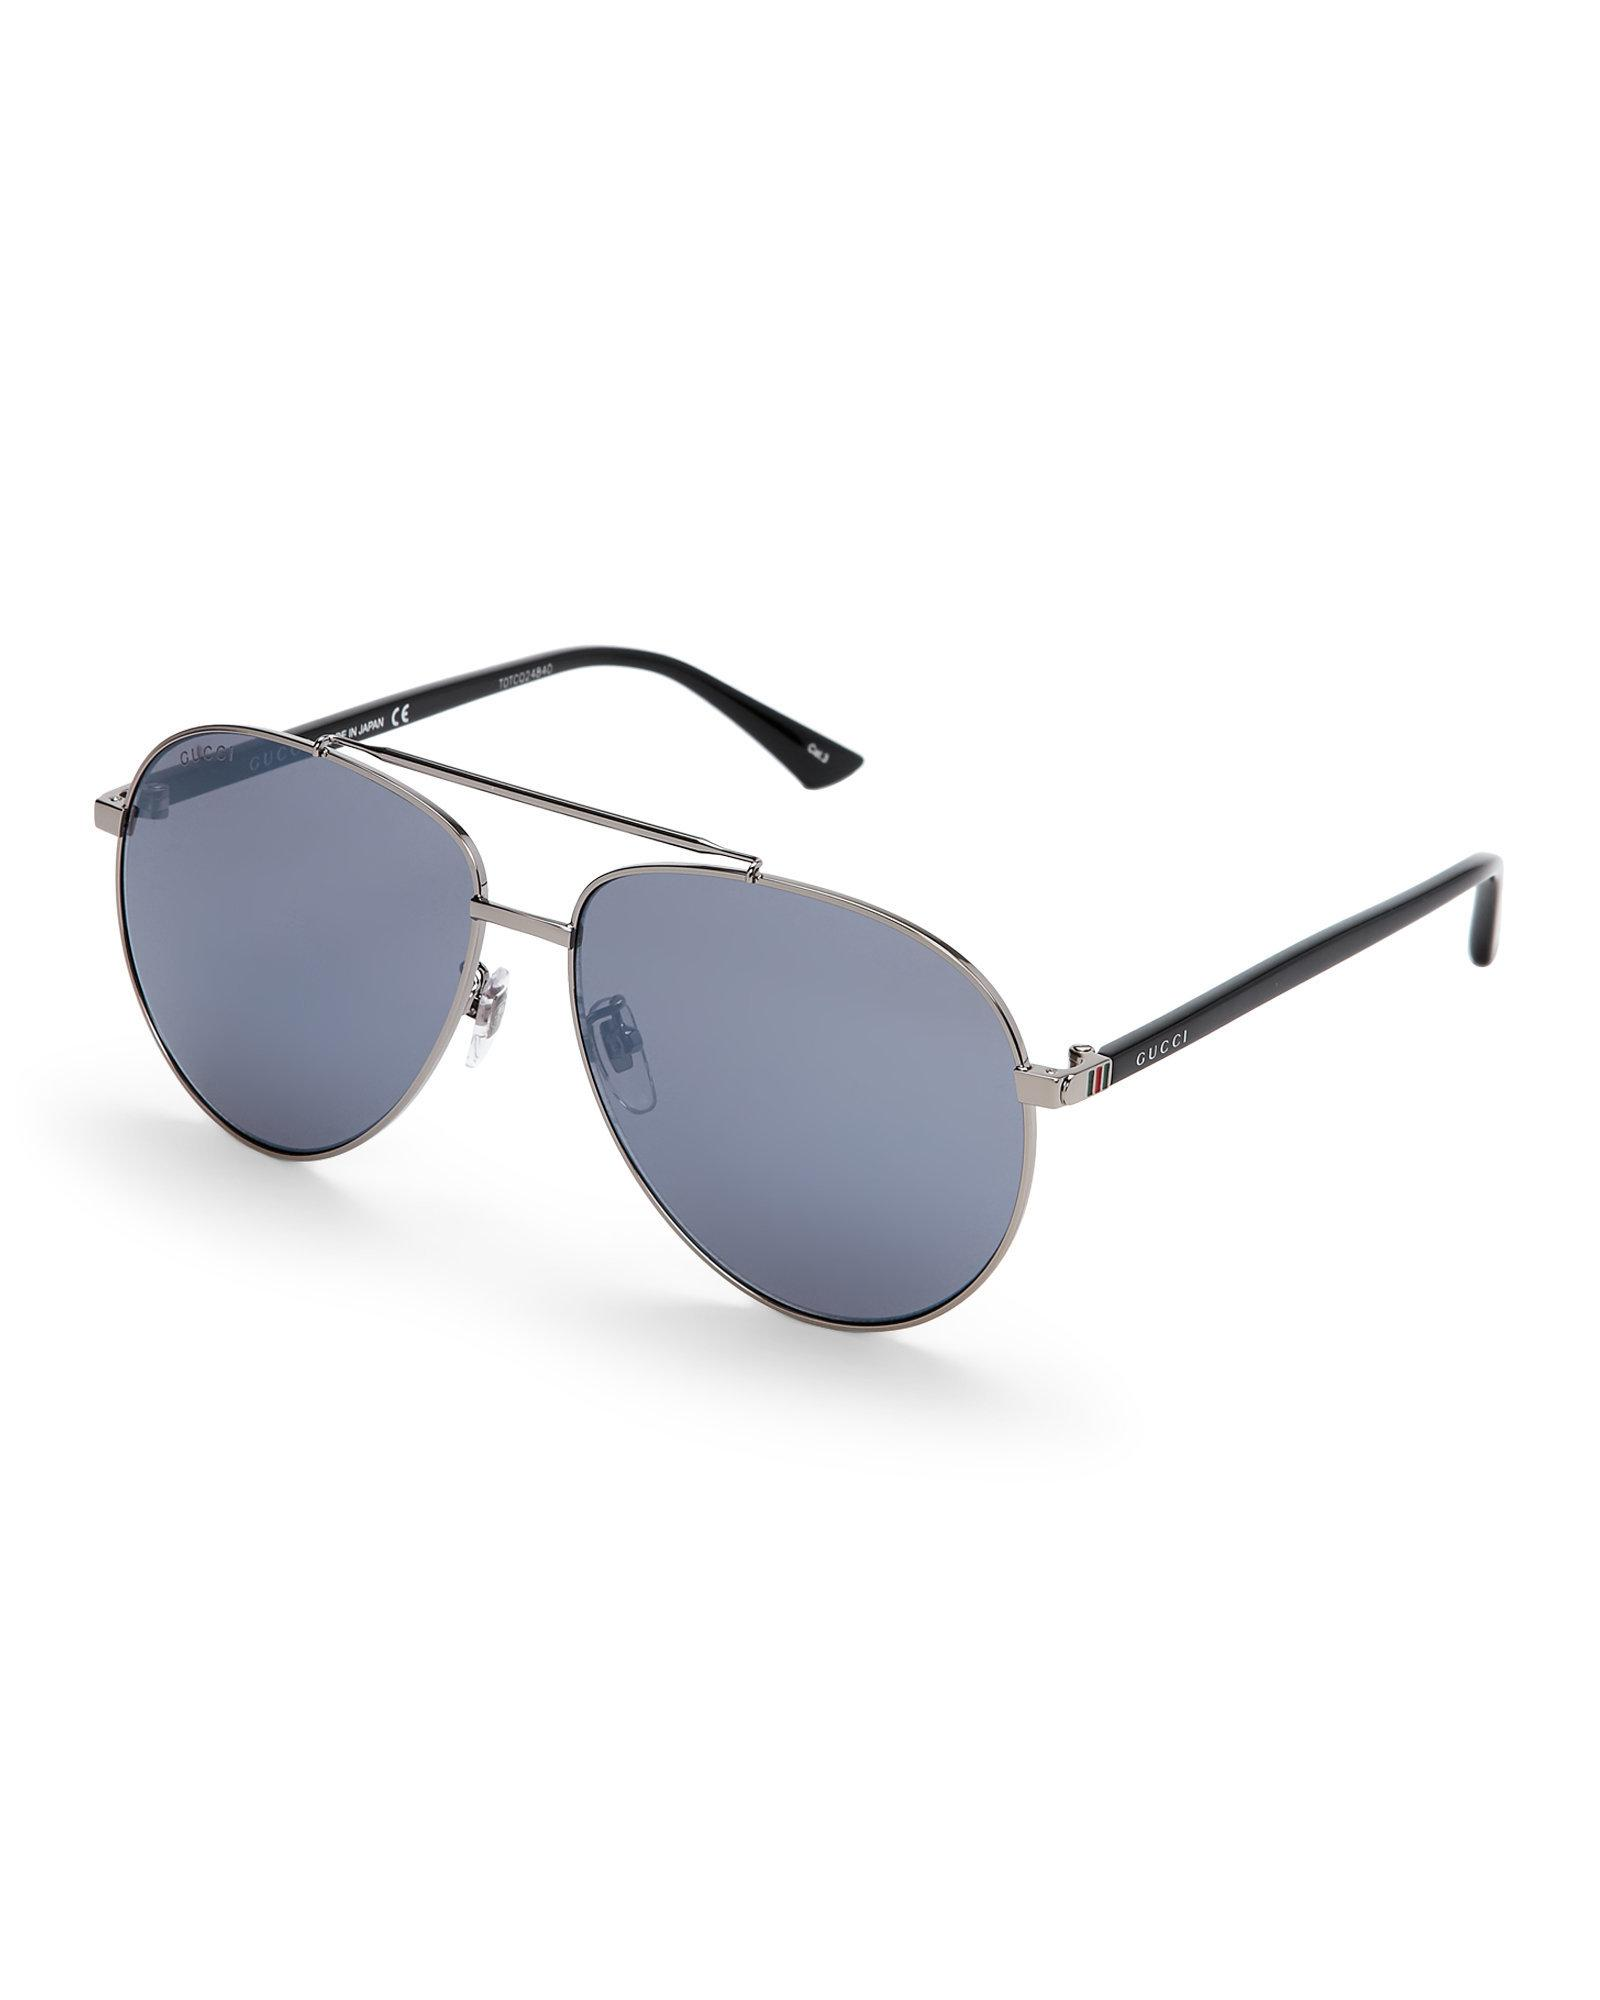 85e3c5aa38b Lyst - Gucci Gg 0043 S Ruthenium Aviator Sunglasses in Blue